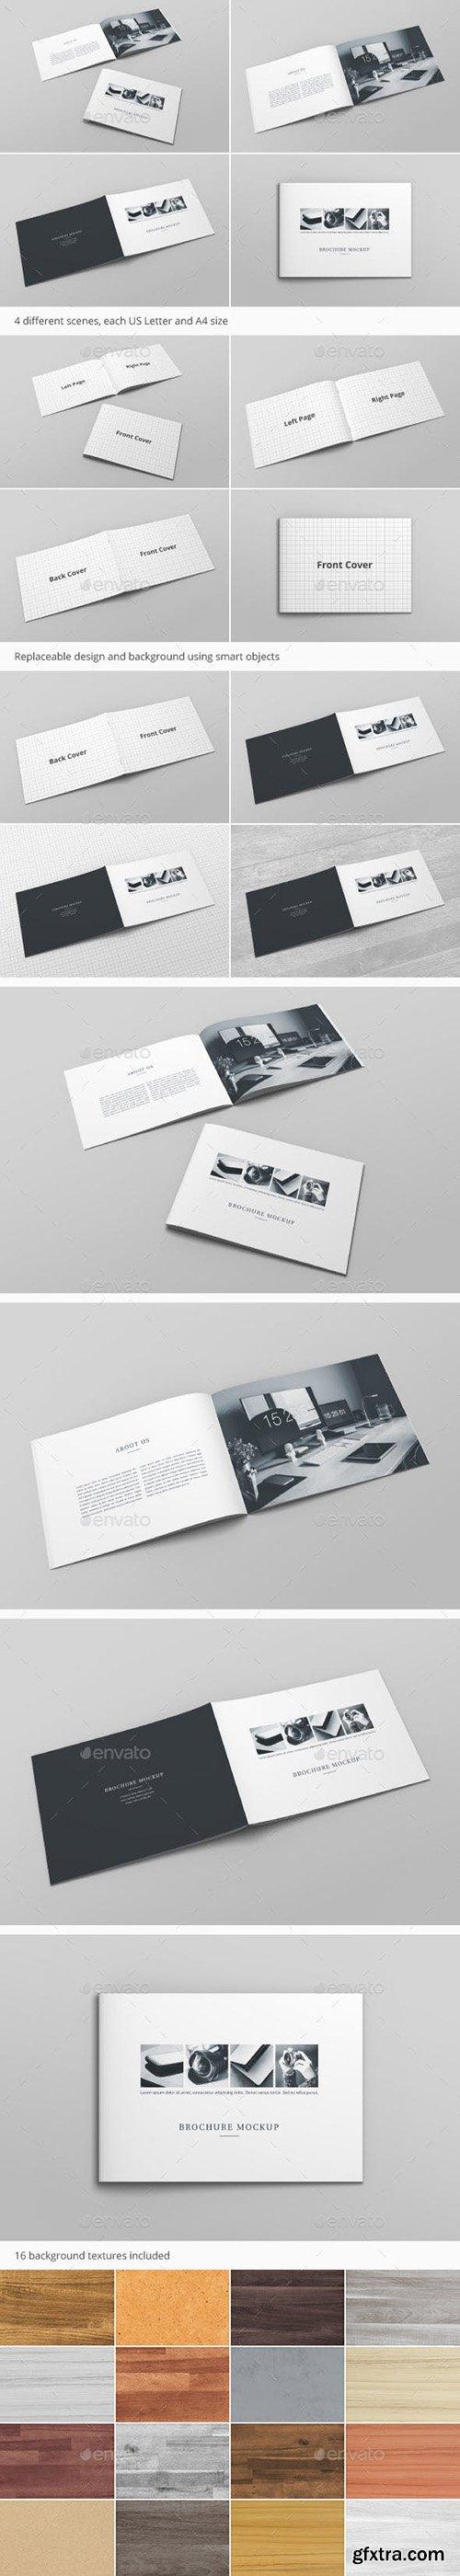 Brochure Catalog Mockup Vol. 2 21420515